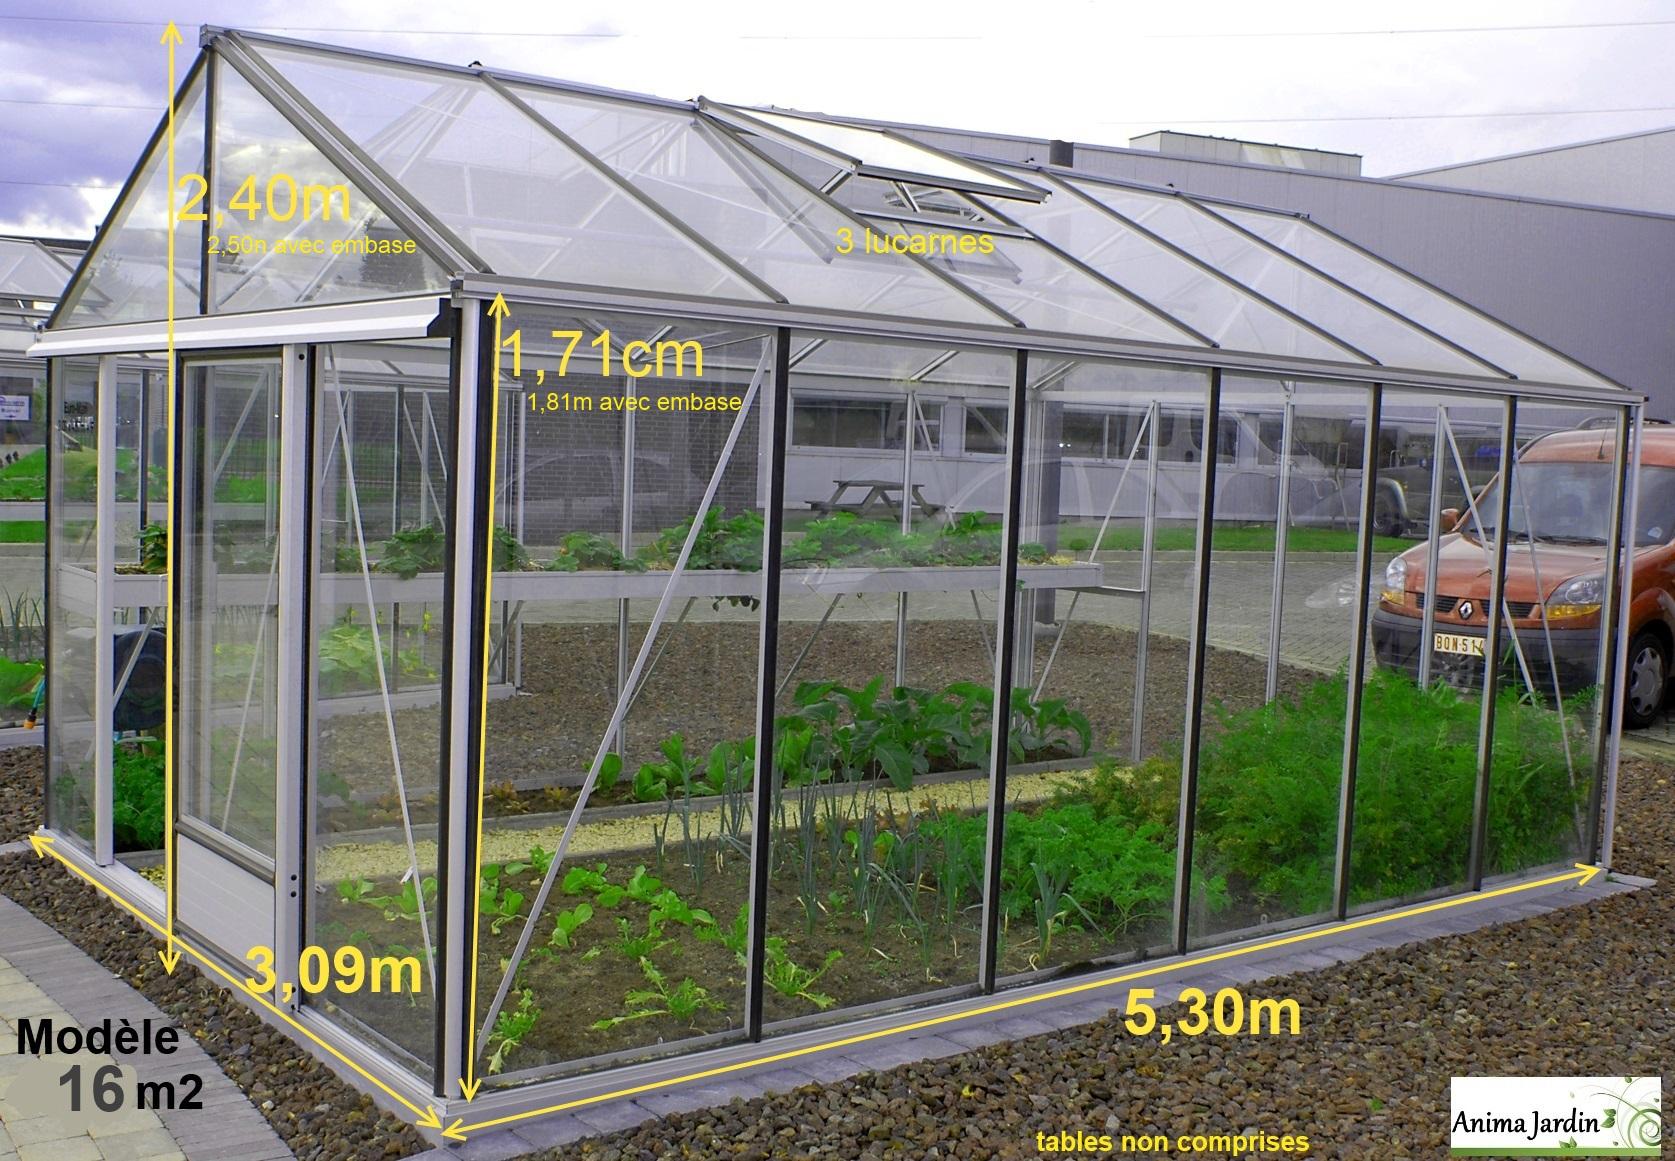 Serre Jardin Horticole, 16 M2, En Verre Trempé, Aluminium, Serre Euro Maxi,  Achat à Serre De Jardin Polycarbonate Pas Cher